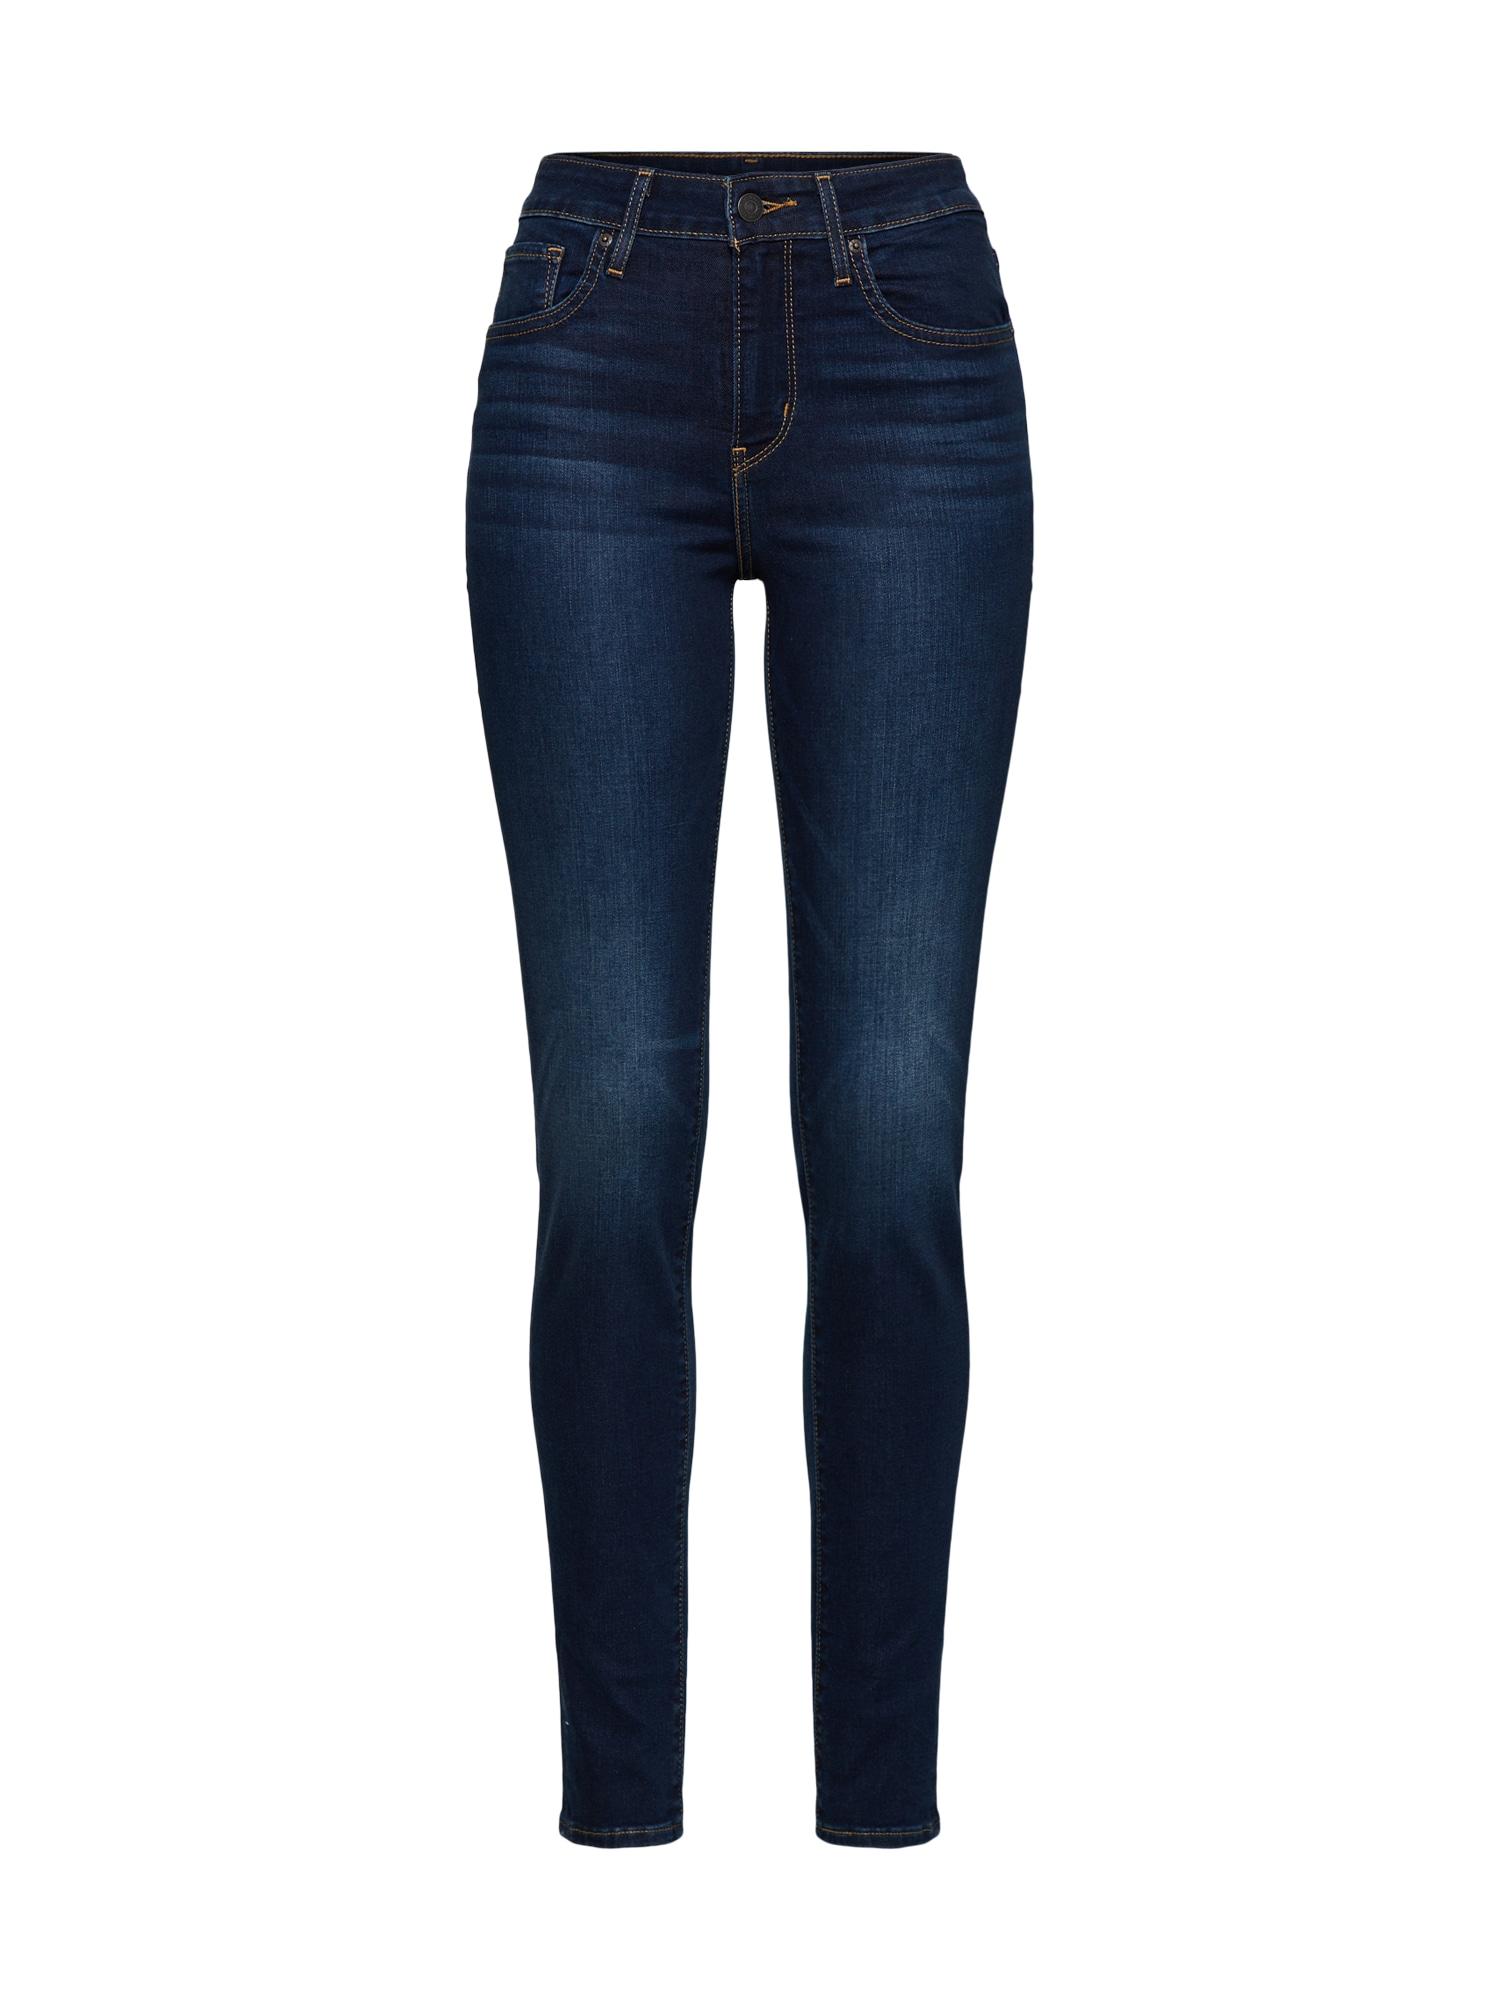 LEVI'S Dames Jeans 721 navy